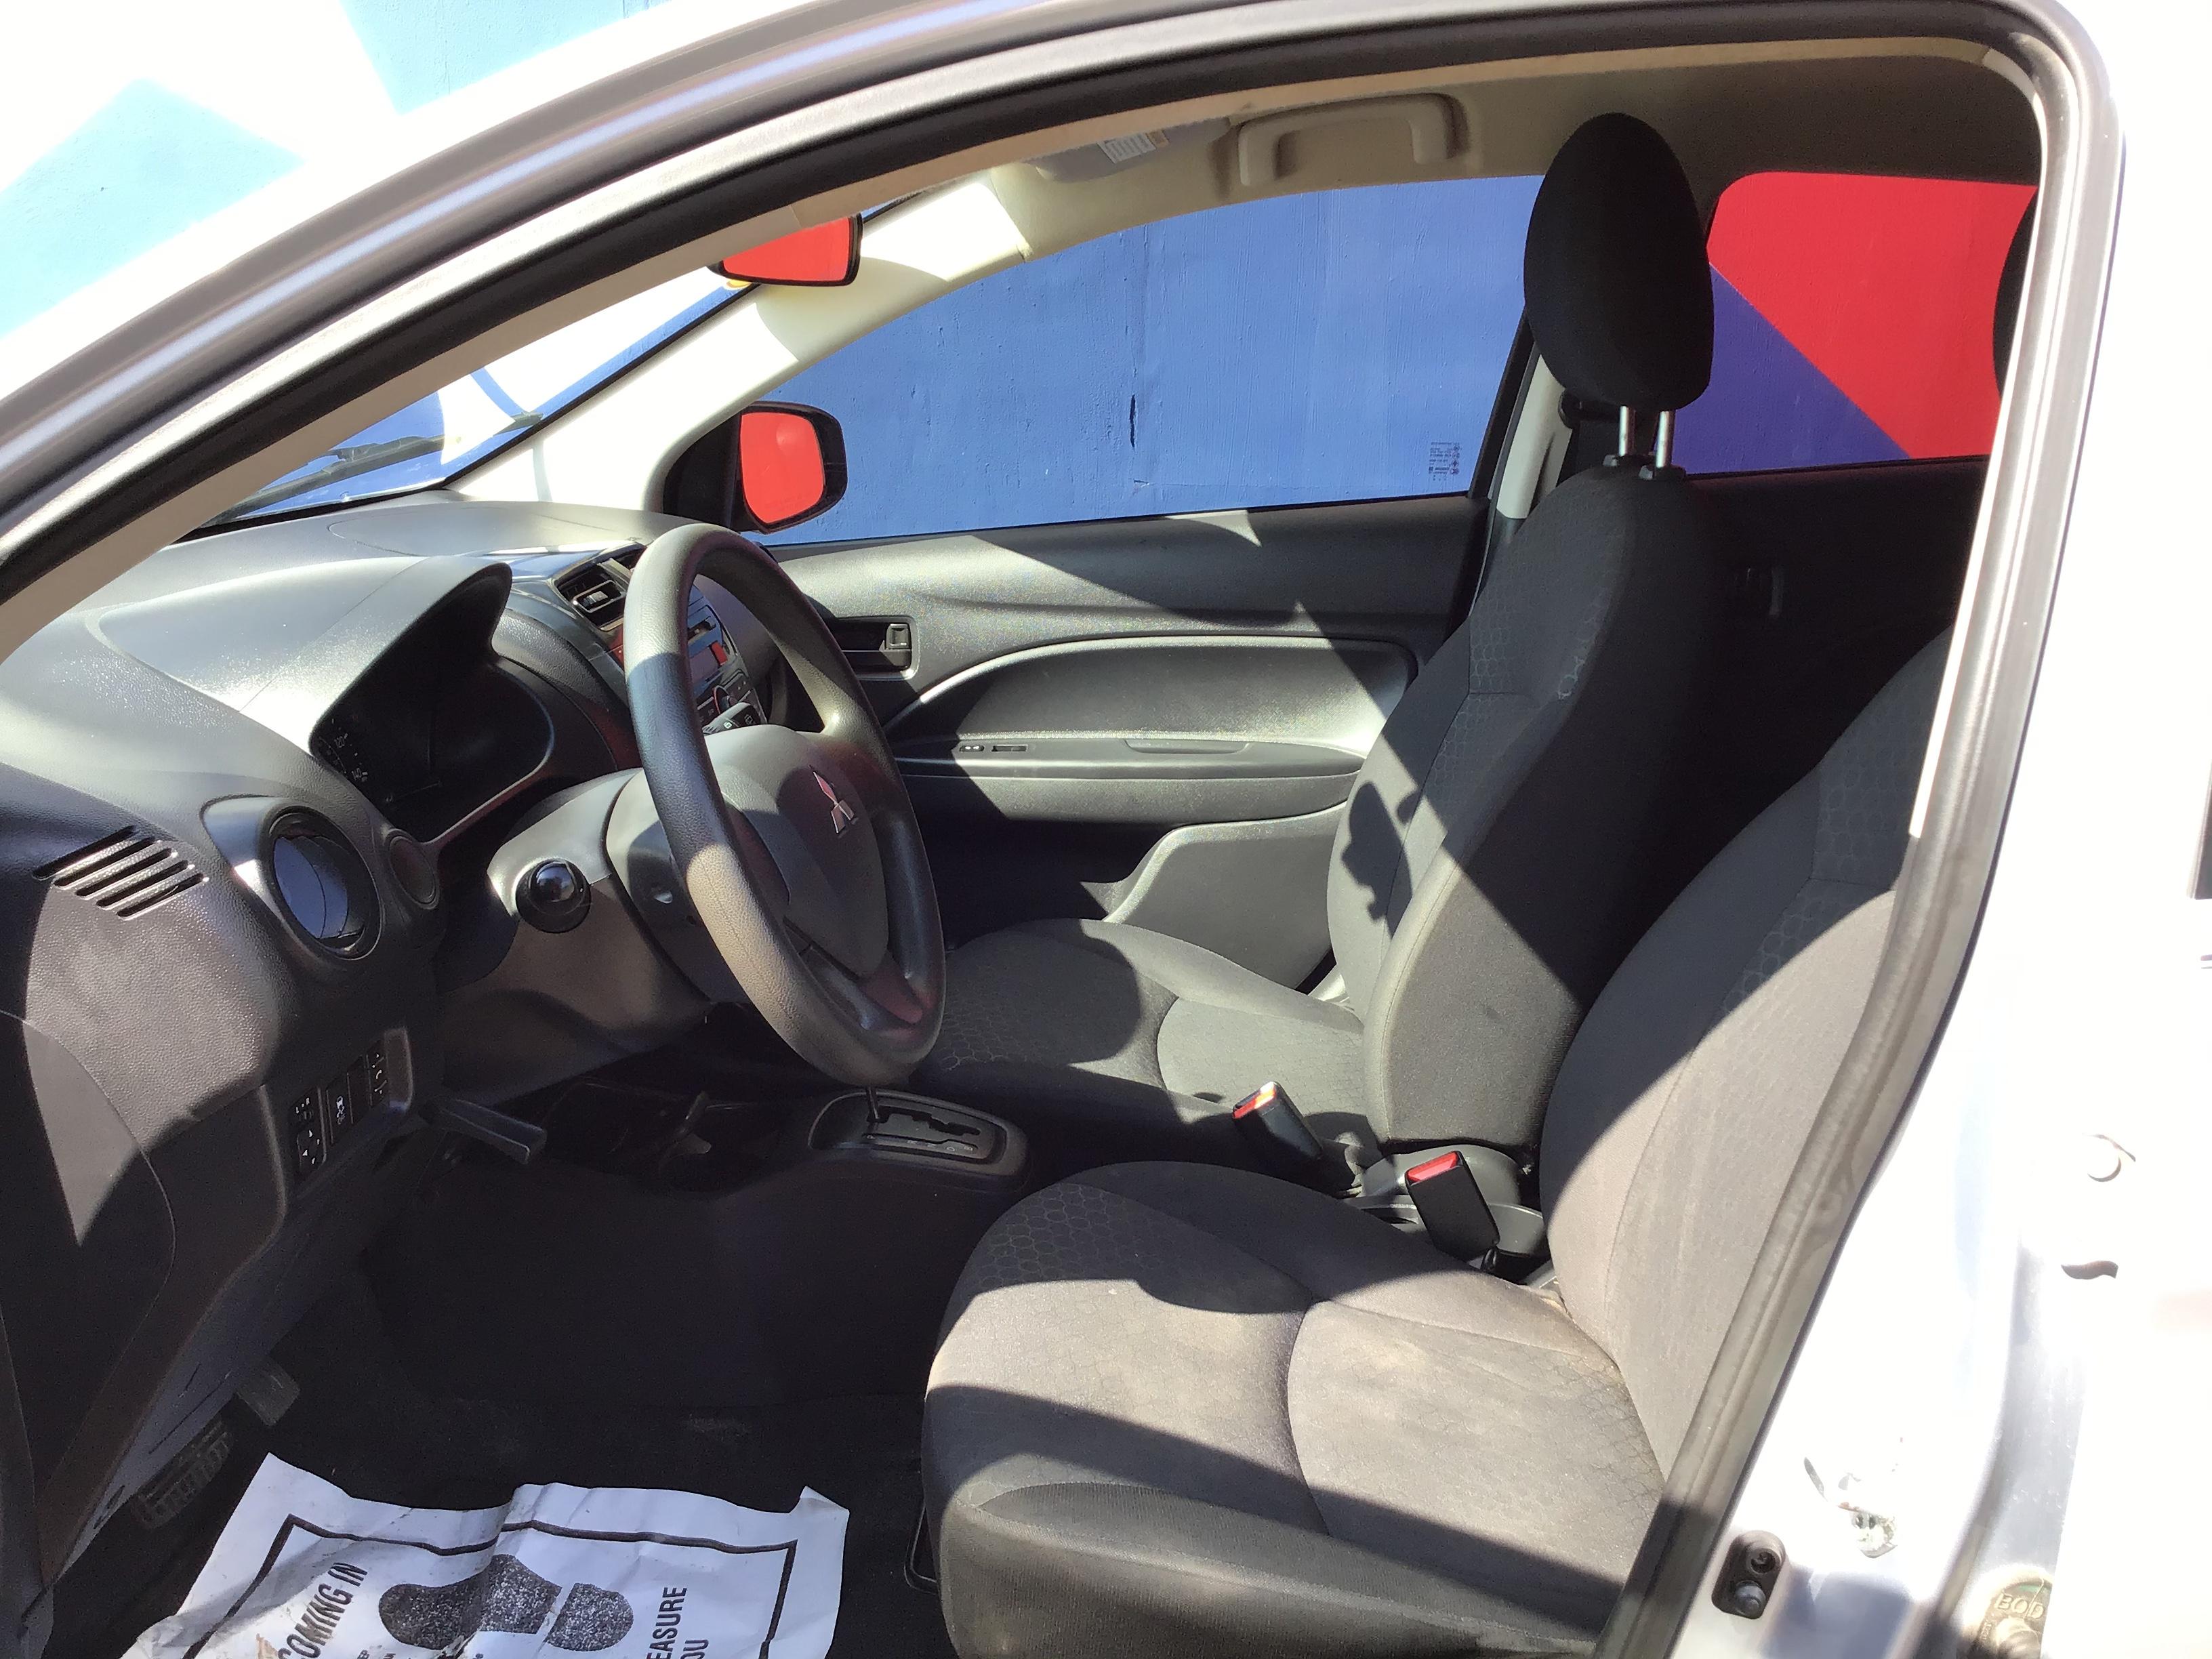 used vehicle - Sedan MITSUBISHI MIRAGE 2015